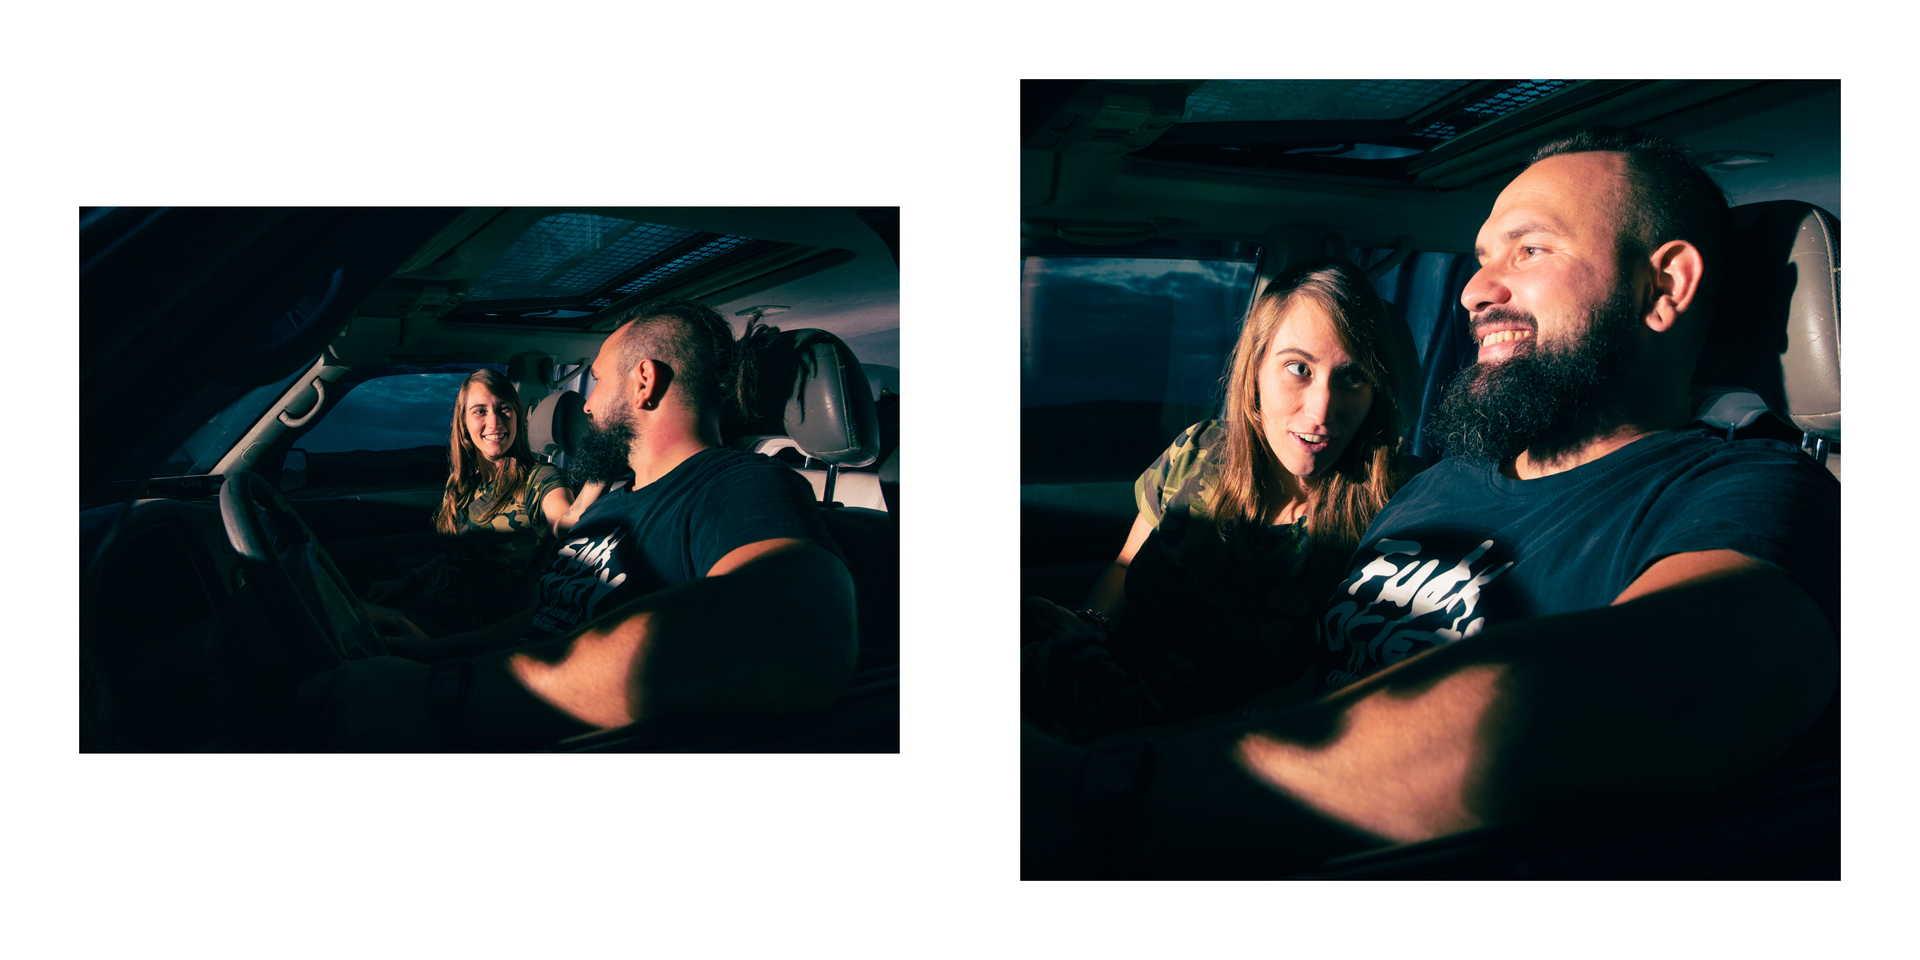 Dvojice ve autě.